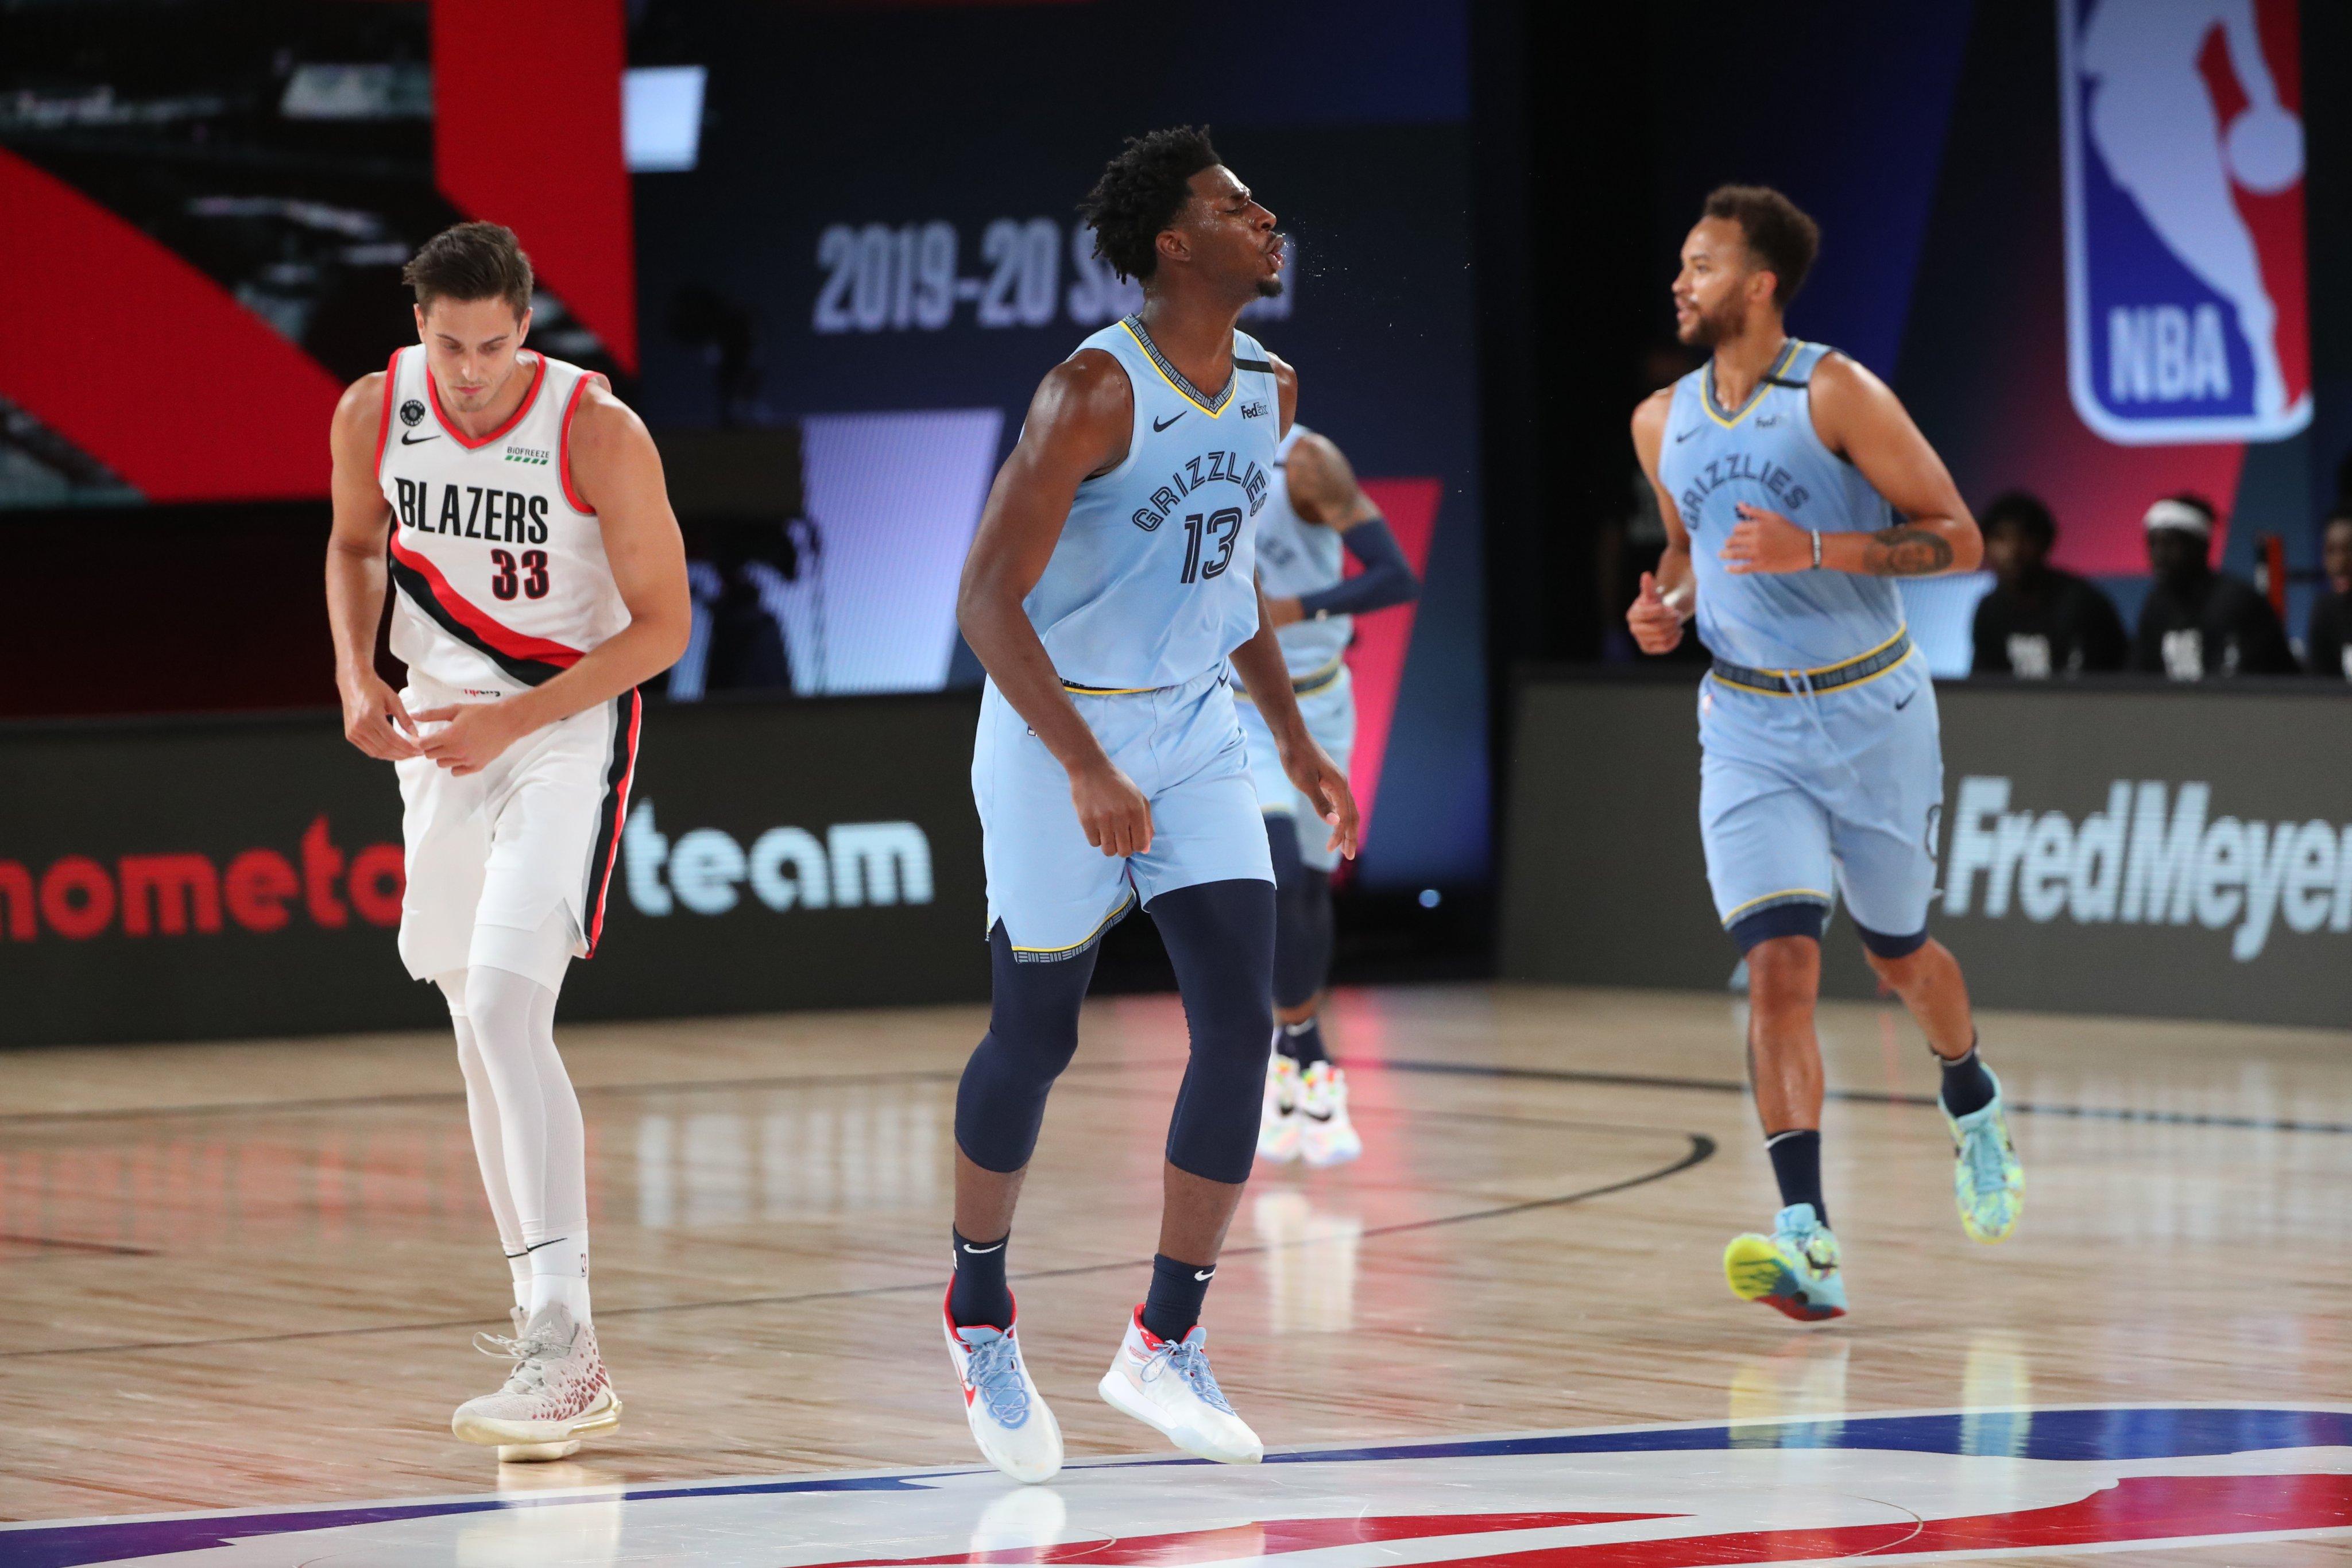 小贾伦-杰克逊更新社交媒体:今天不止于篮球